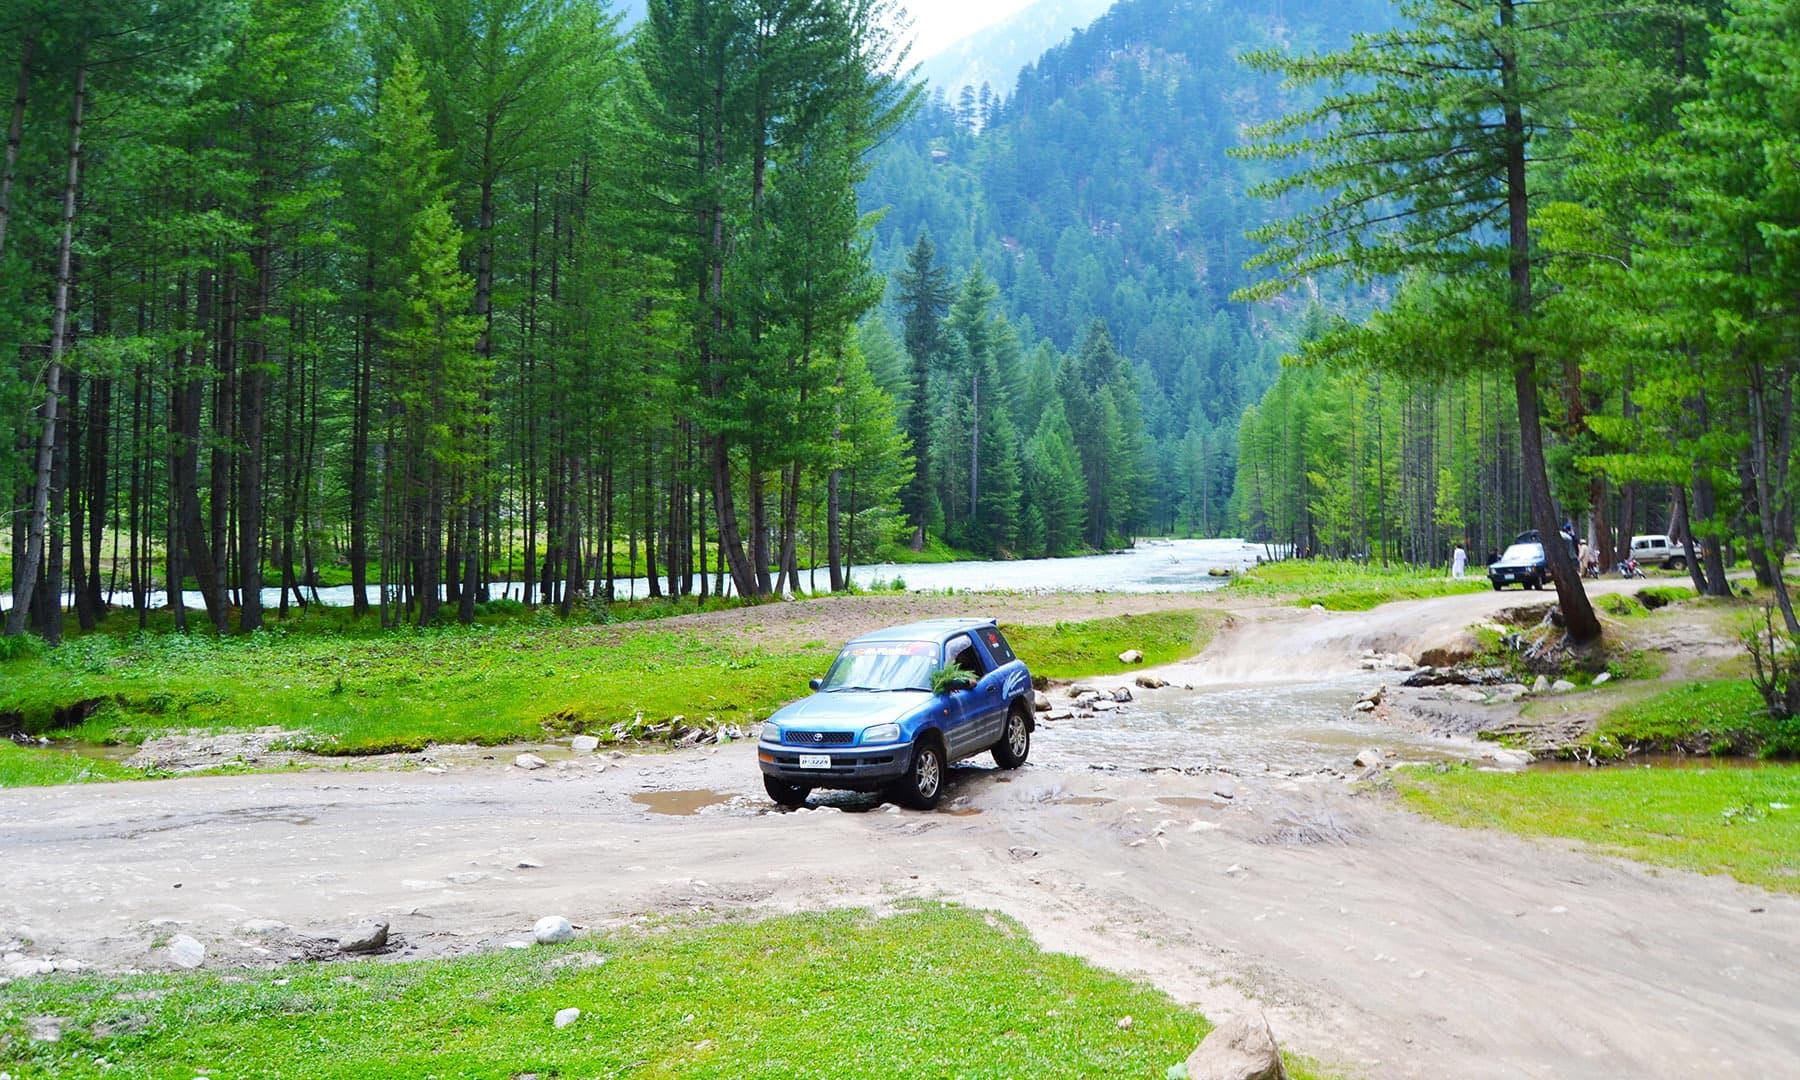 5 کلومیٹر سفر کرنے کے بعد ہم وادی کمراٹ کے خوبصورت جنگل میں داخل ہوئے—عظمت اکبر